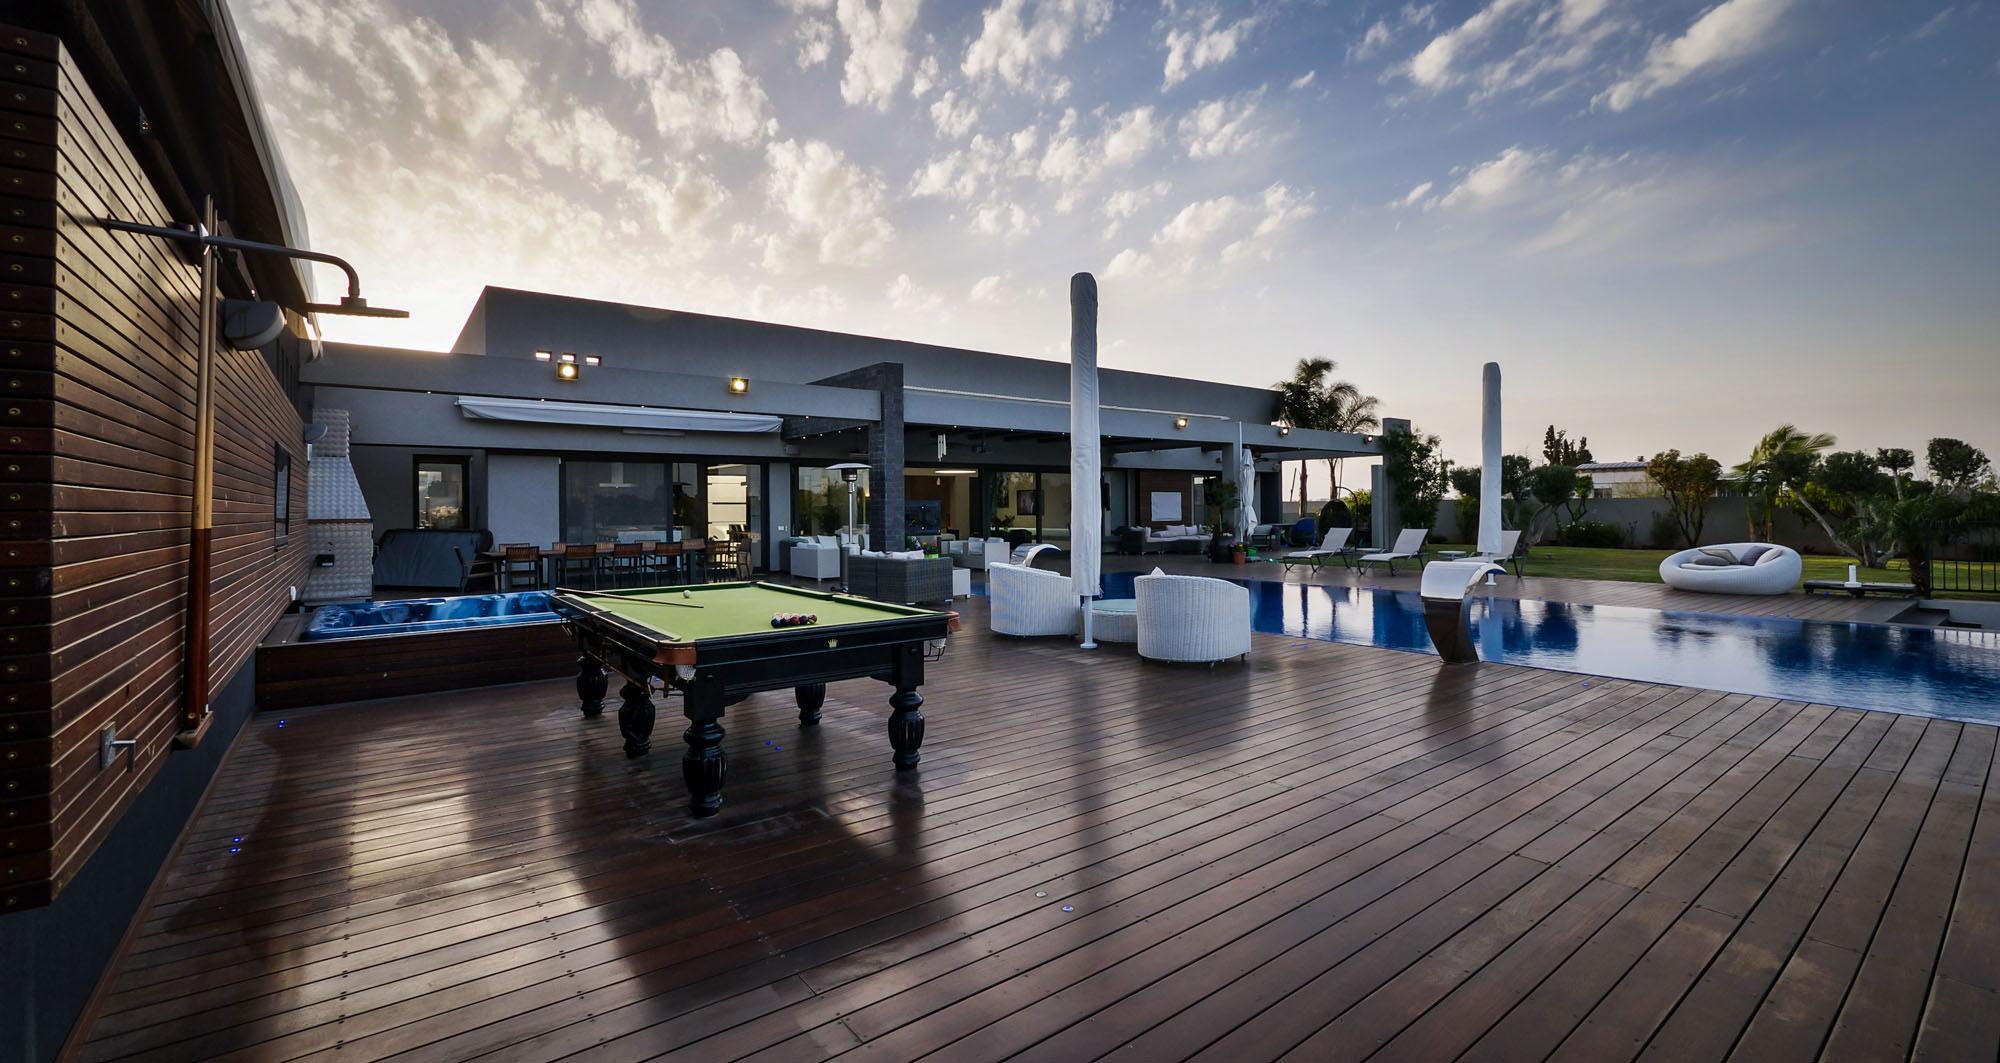 Lyxig-villa-med-en-samtida-design-från-Israel-16 Lyxig villa med modern design från Israel